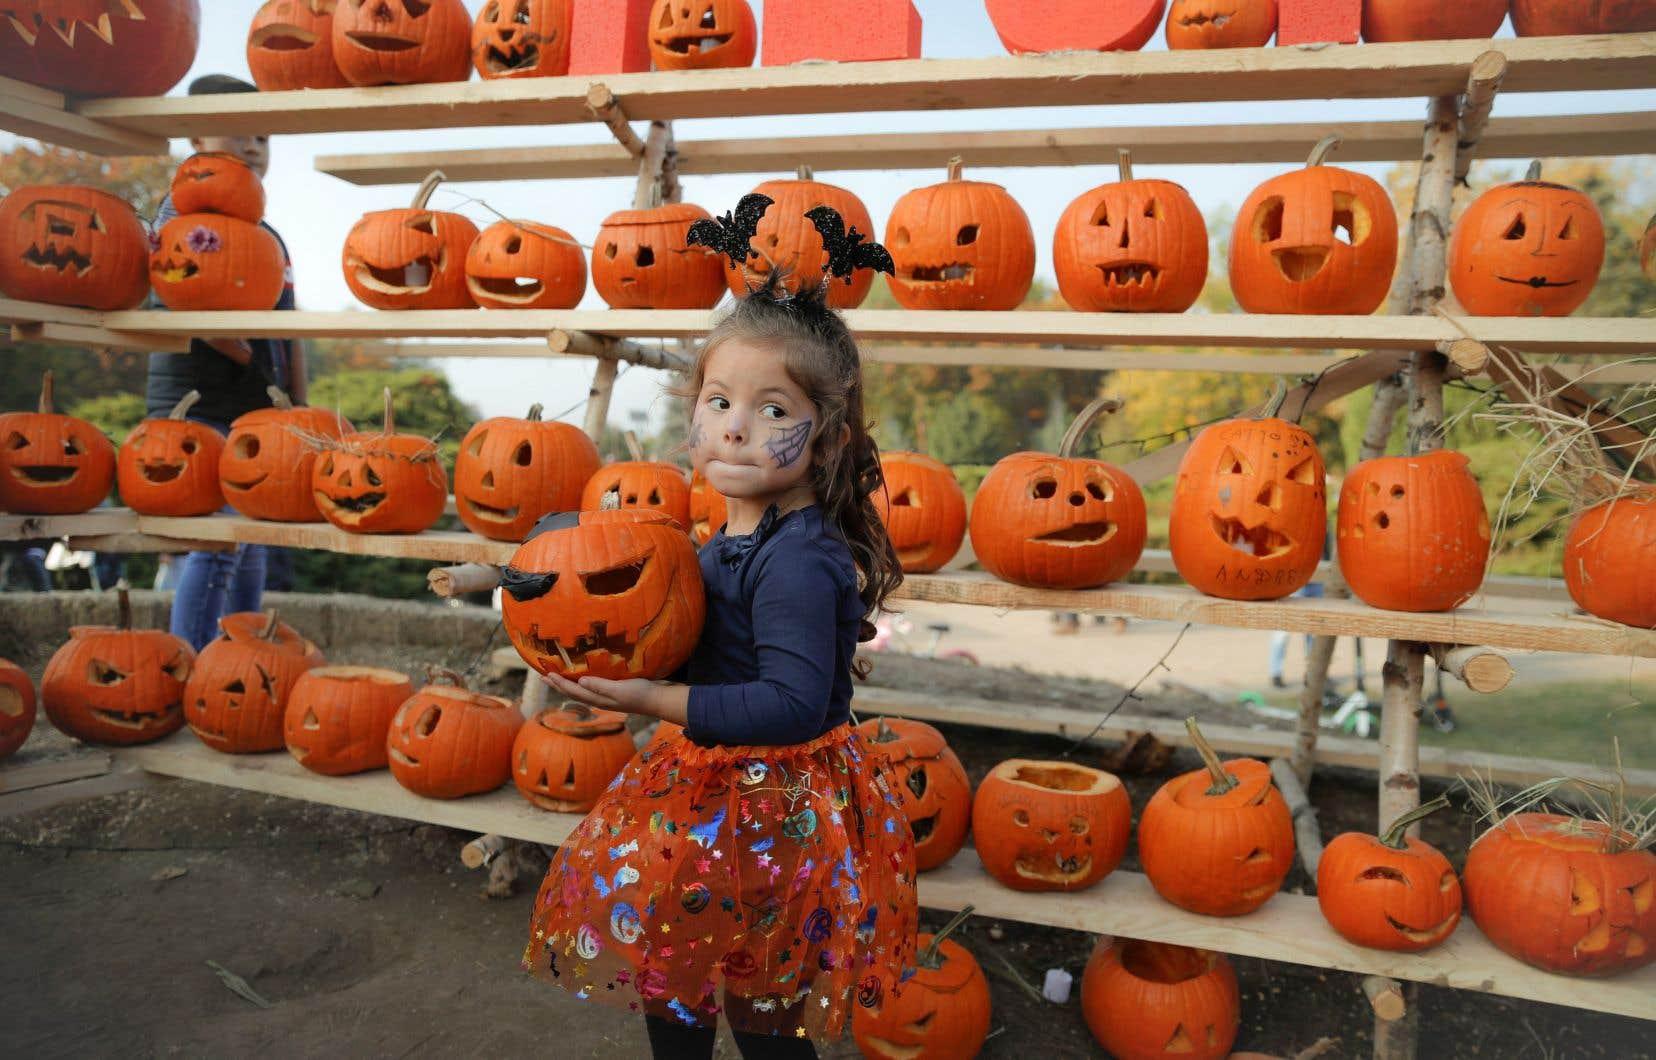 Les villes comme Montréal, Laval, Longueuil, Québec et Sherbrooke entendent s'en remettre aux recommandations de la Santé publique en ce qui concerne l'Halloween.